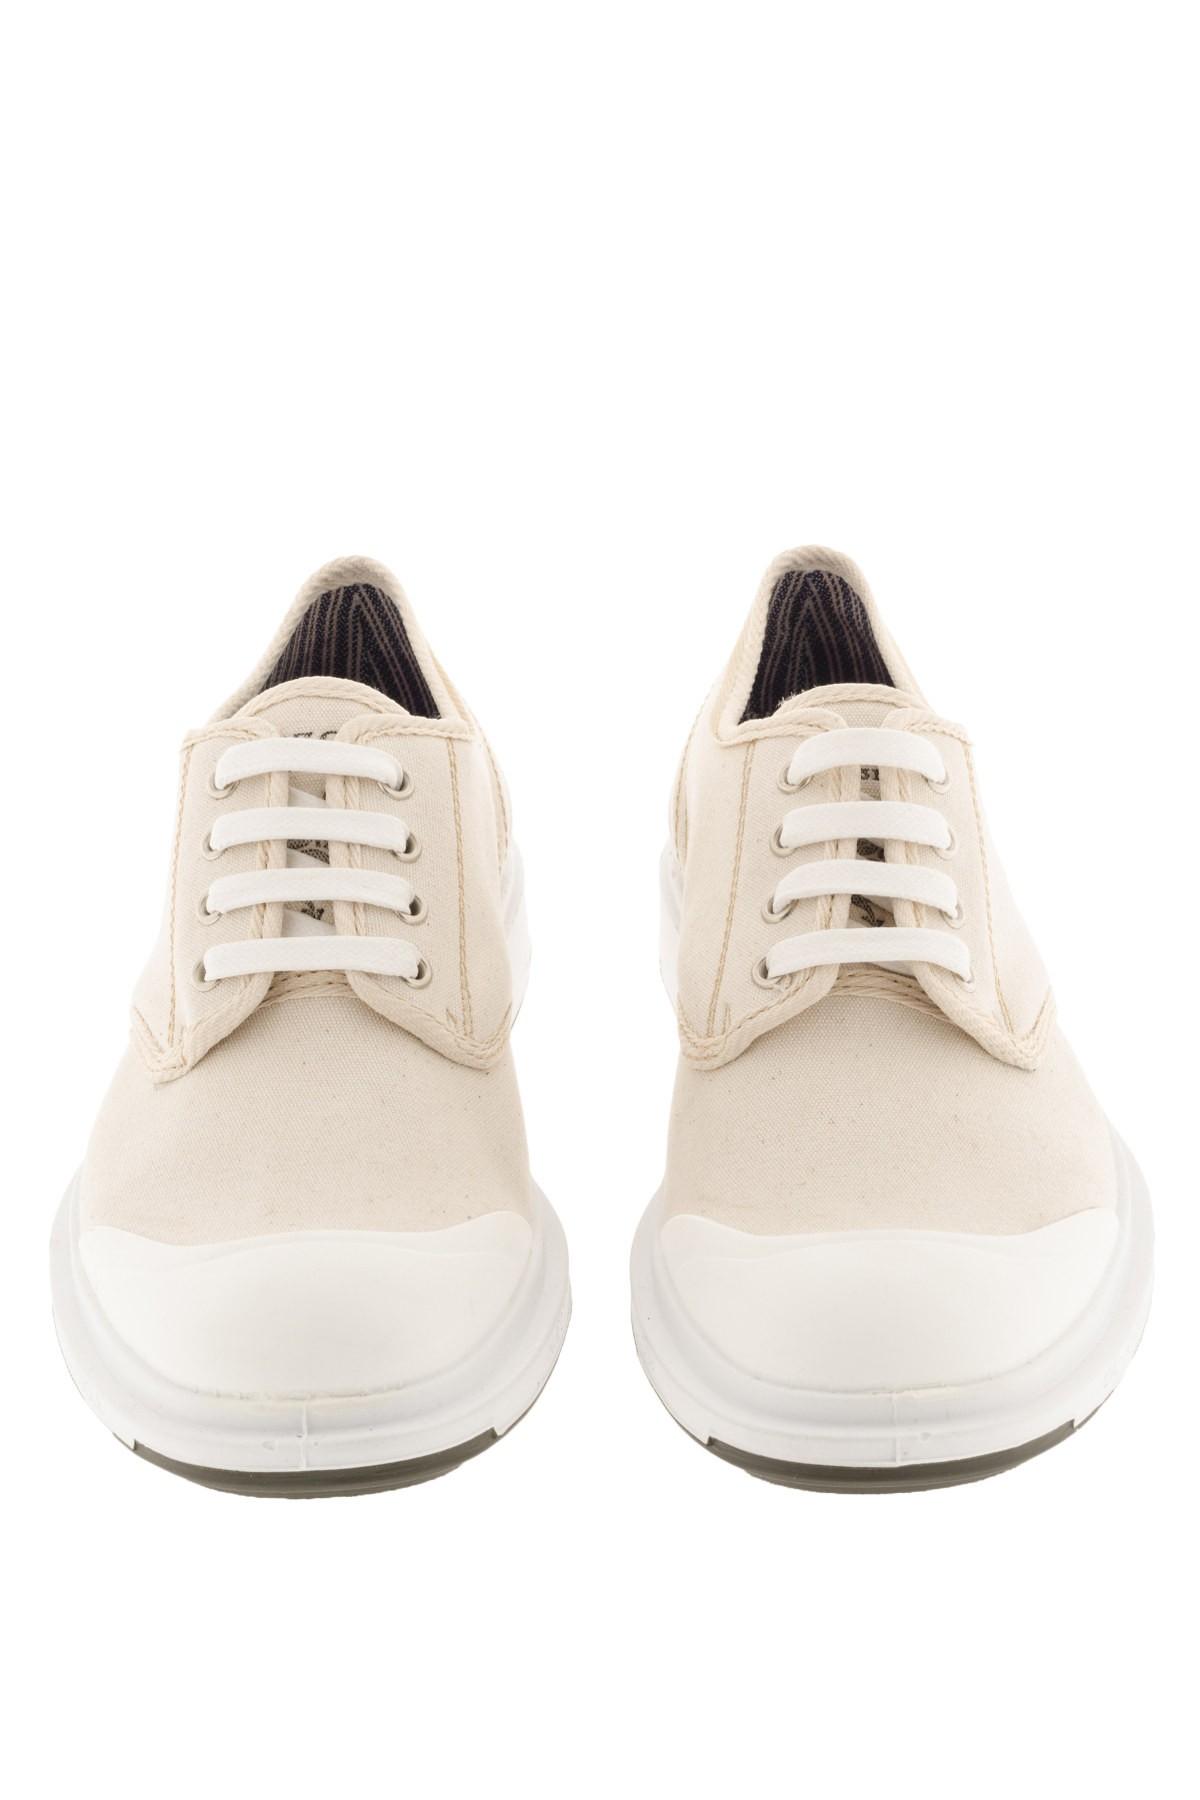 S/S 16 Light beige shoes for men  PEZZOL